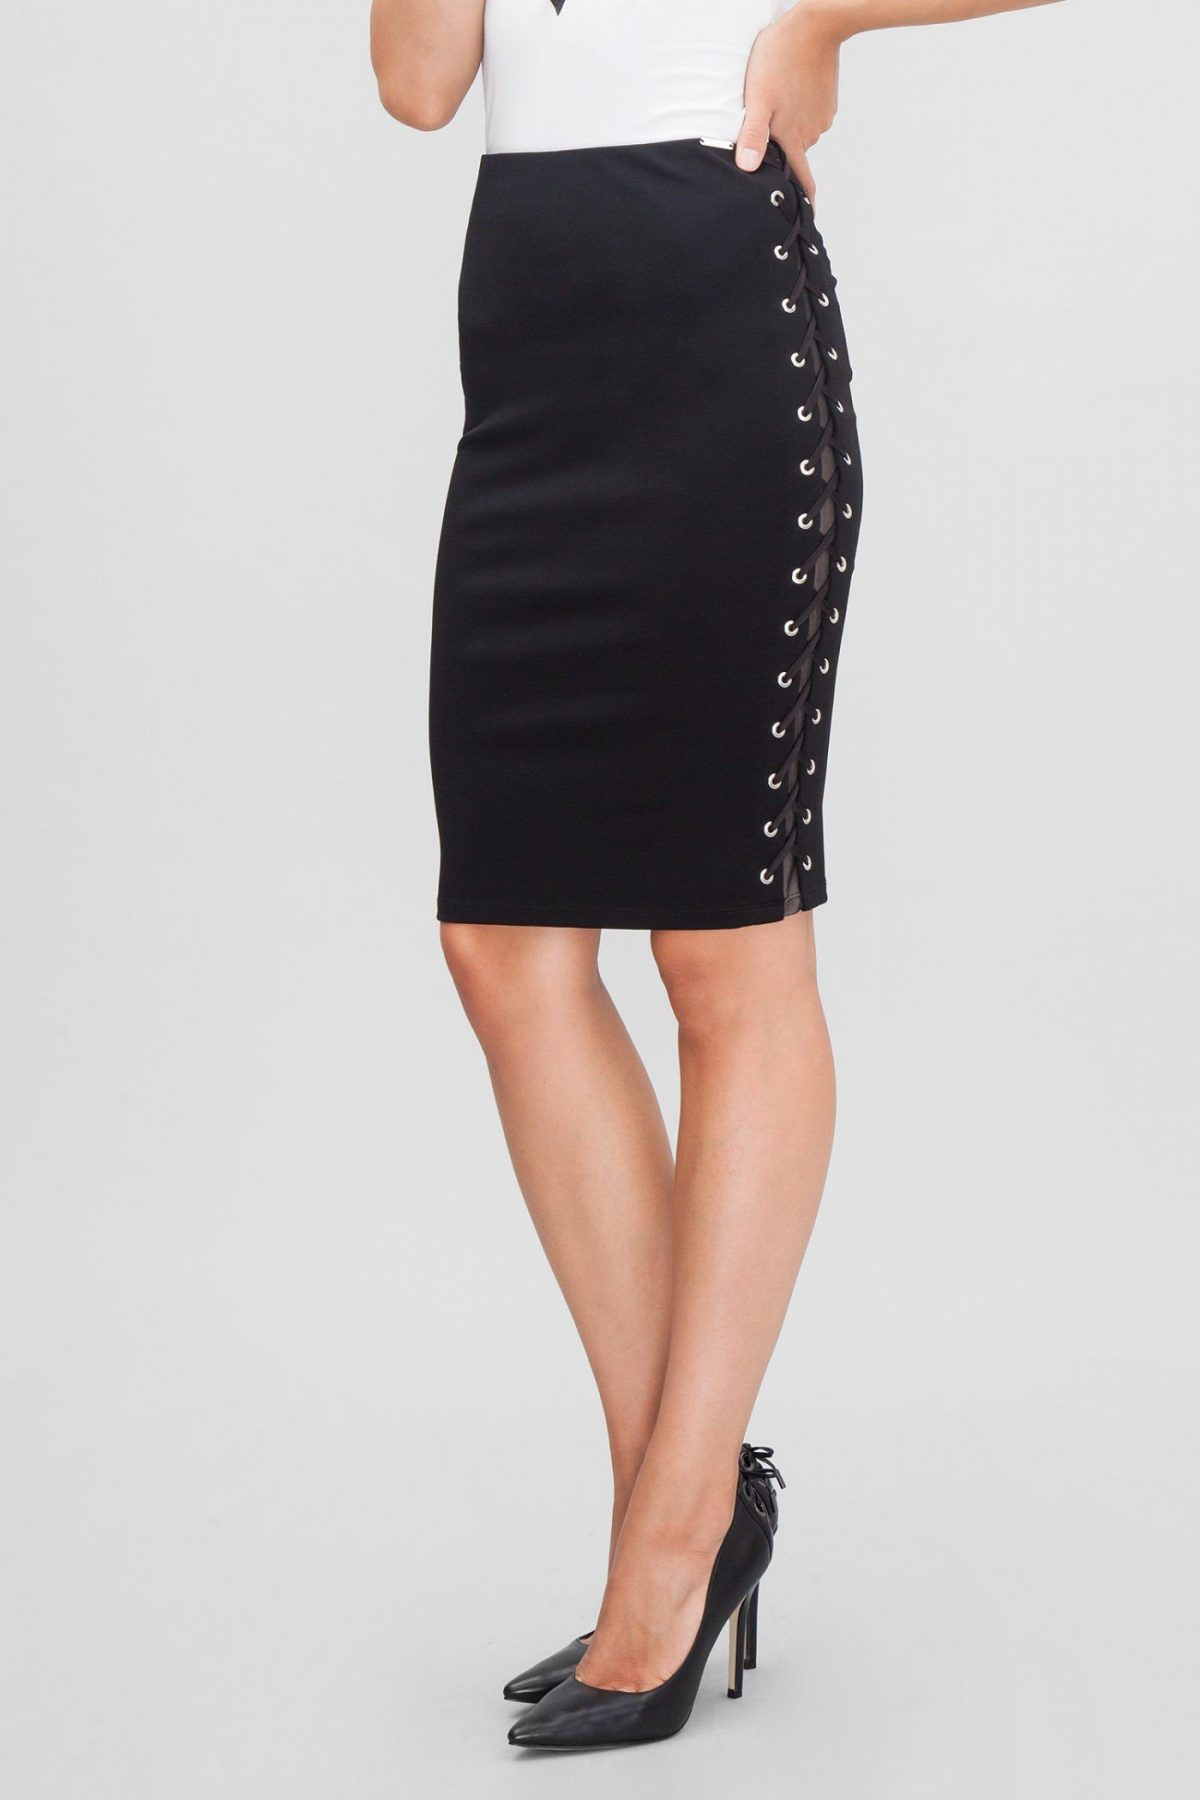 юбка черная по колено со шнуровкой